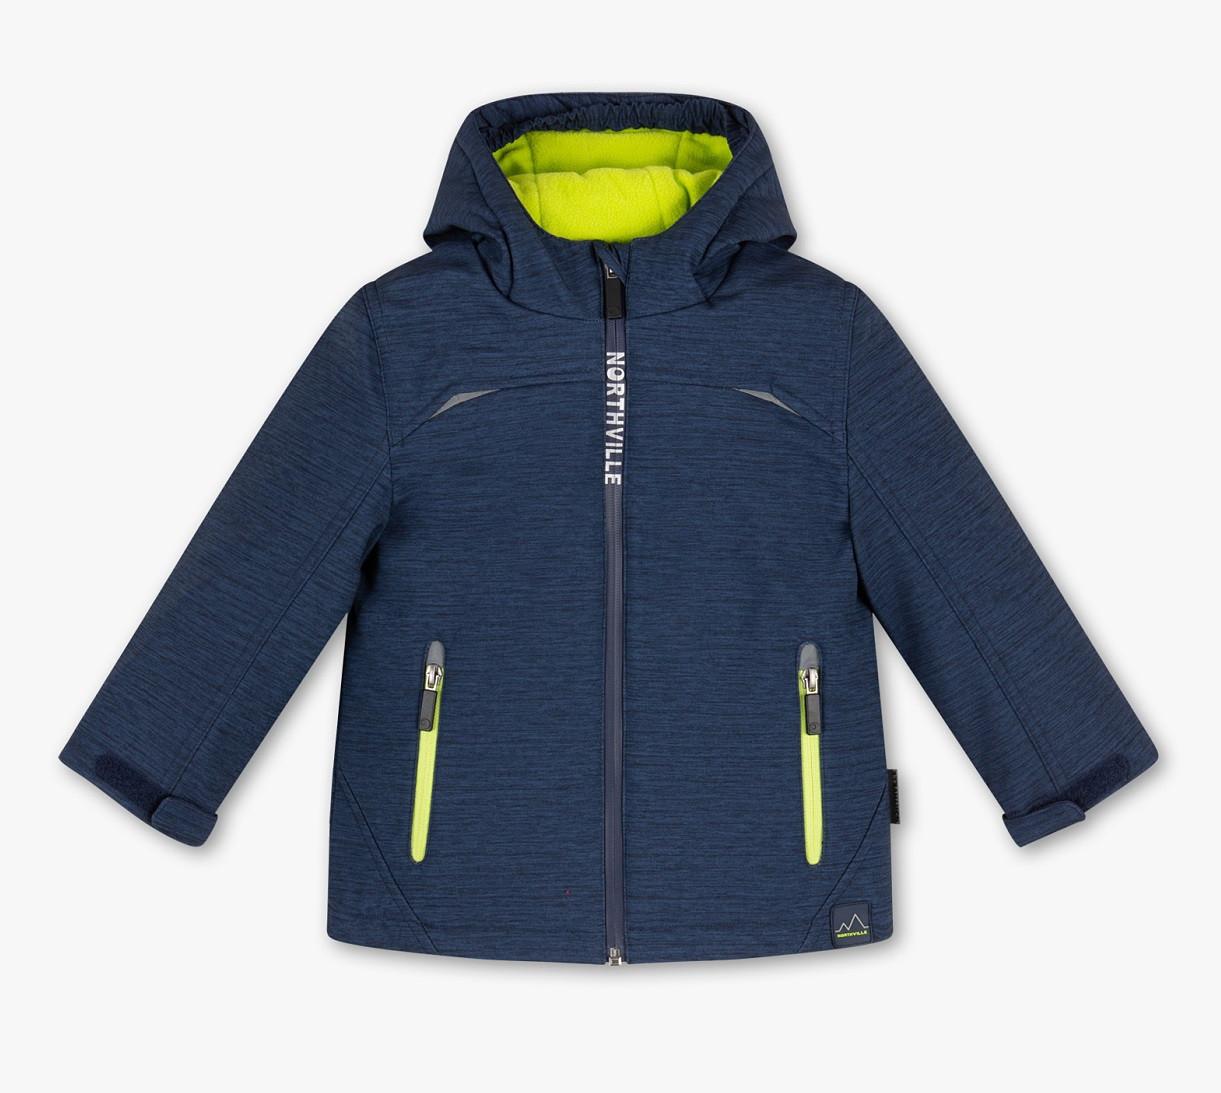 Демисезонная куртка софтшелл на мальчика C&A Германия Размер 128